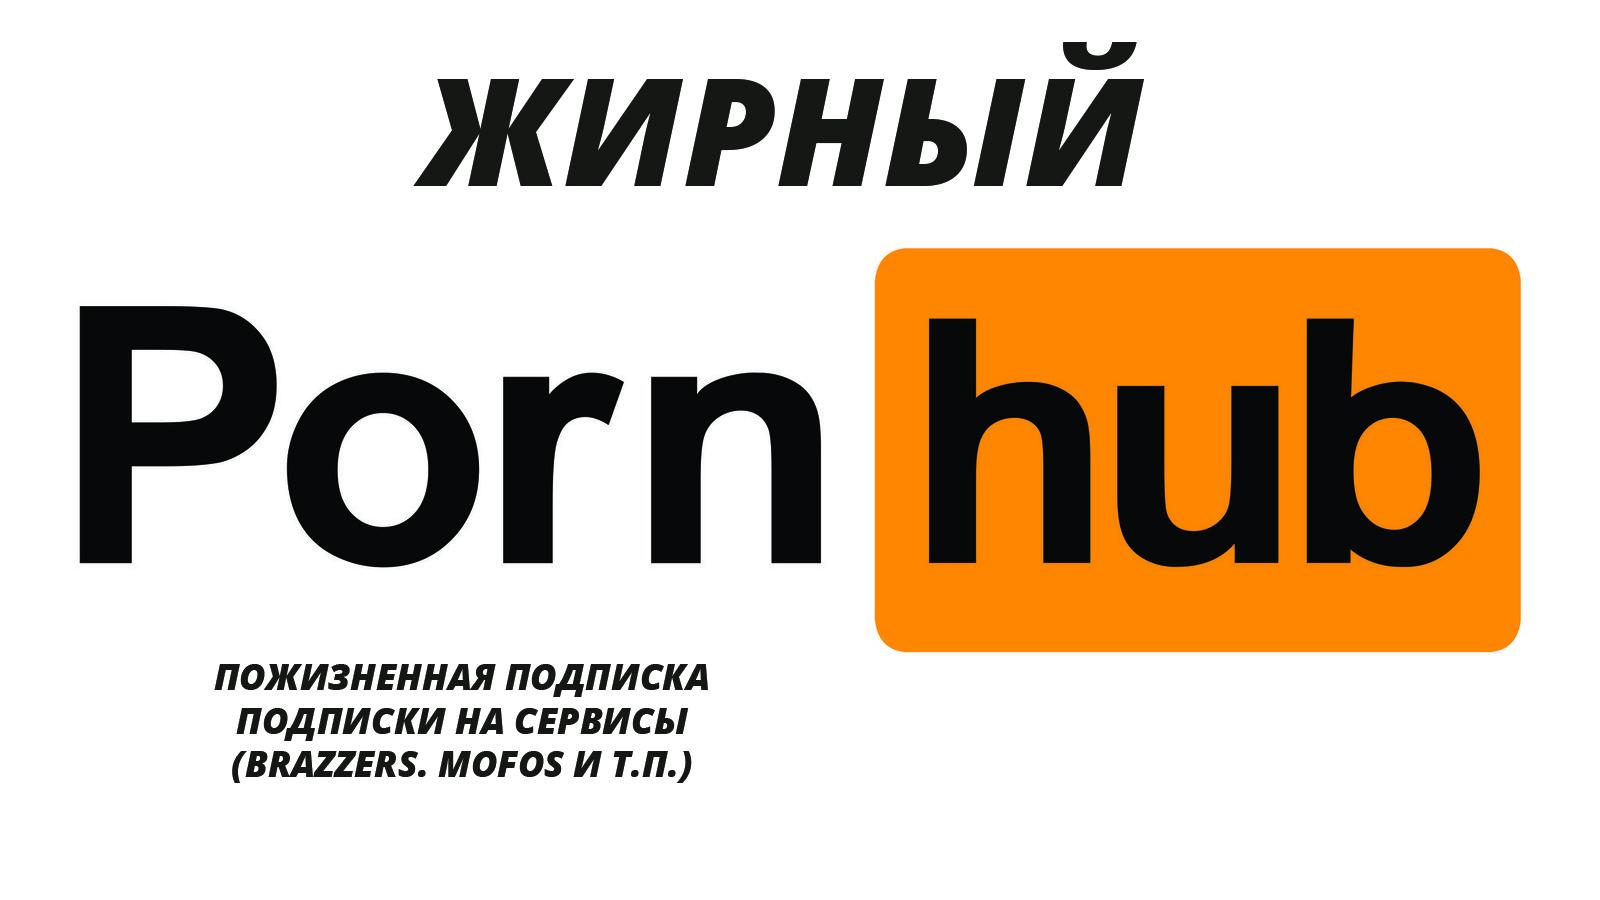 Фотография жирный аккаунт pornhub premium